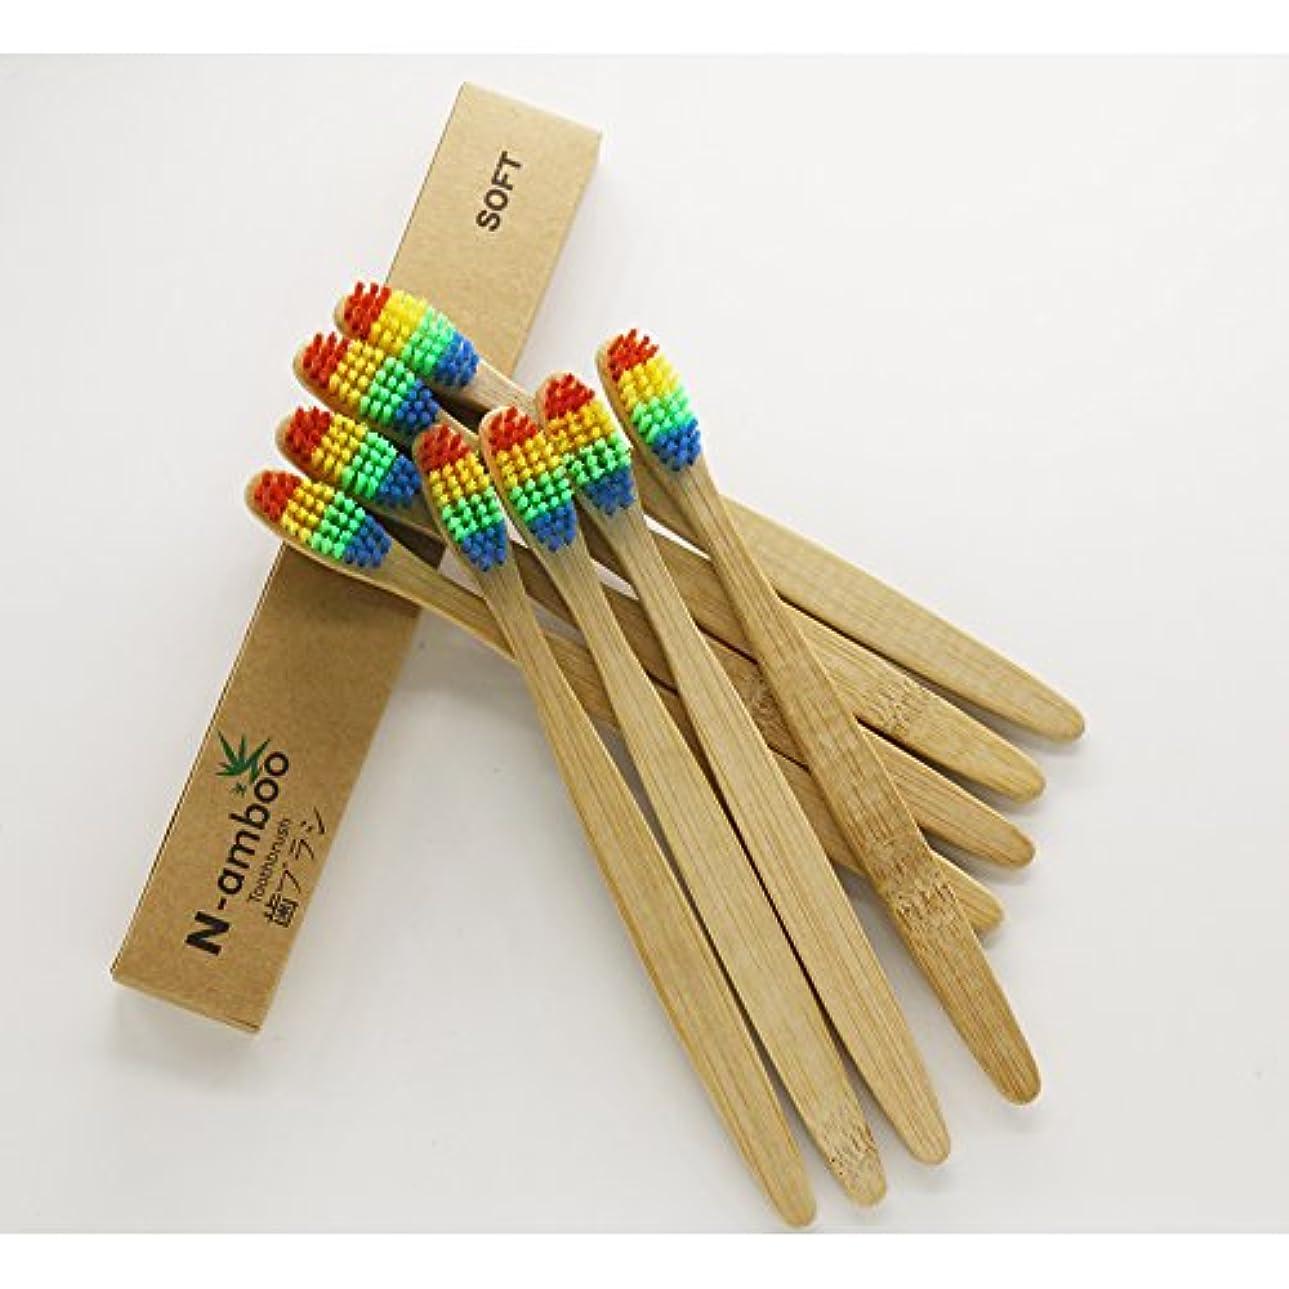 墓地ギターもう一度N-amboo 竹製 耐久度高い 歯ブラシ 四色 虹(にじ) 8本入り ファミリー セット